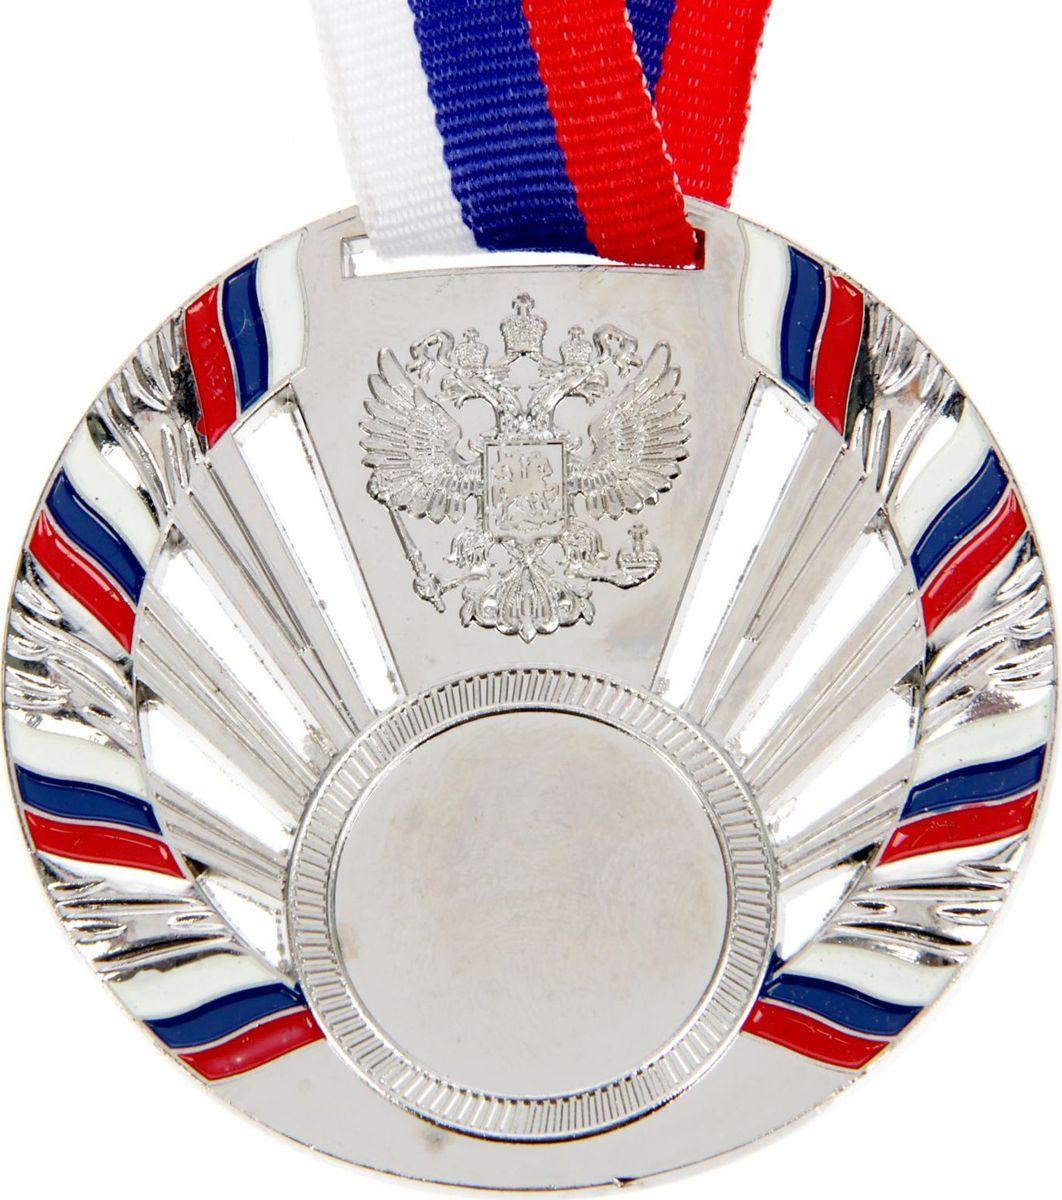 """Пусть любая победа будет отмечена соответствующей наградой! Медаль — знак отличия, которым награждают самых достойных. Она вручается лишь тем, кто проявил настойчивость и волю к победе. Каждое достижение — это важное событие, которое должно остаться в памяти на долгие годы. изготовлена из металла, в комплект входит лента цвета """"триколор"""", являющегося одним из государственных символов России. Характеристики: Диаметр медали: 7 см Диаметр вкладыша (лицо): 2,5 см Диаметр вкладыша (оборот): 6,5 см Ширина ленты: 2 см."""